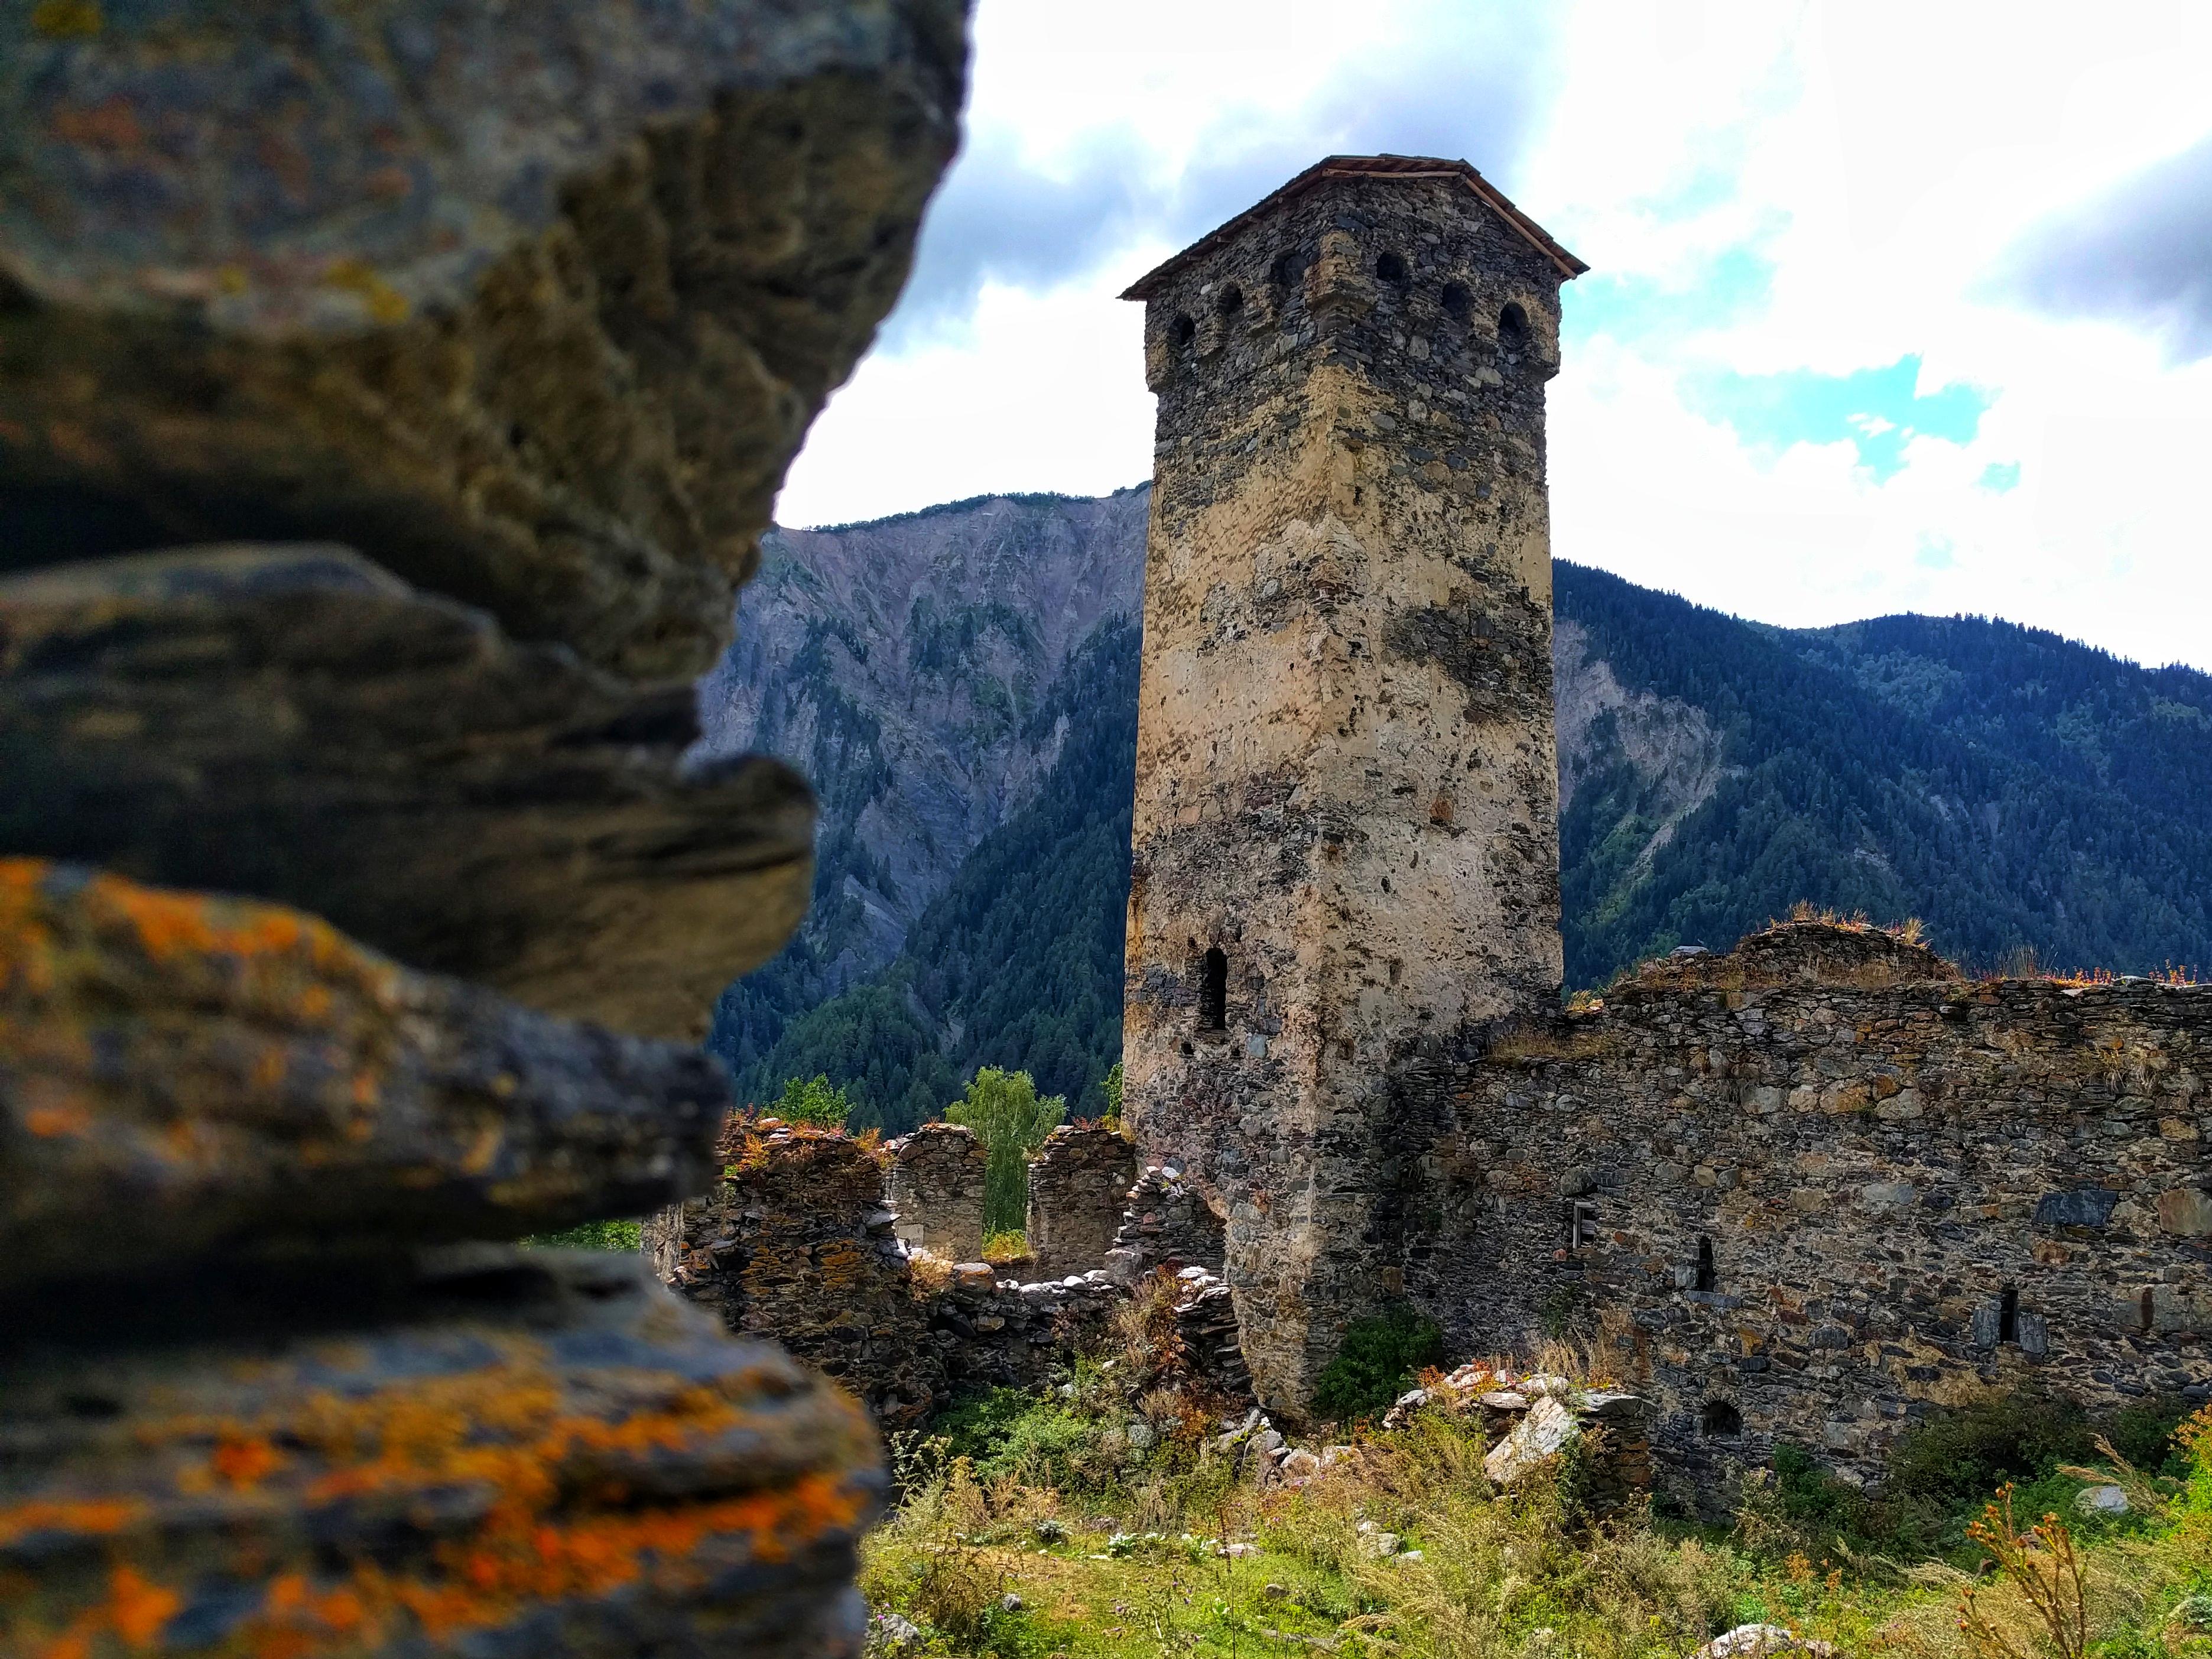 Dit soort torentjes kan je vinden in heel Georgië. Ze werden gebruikt als bunker avant la lettre